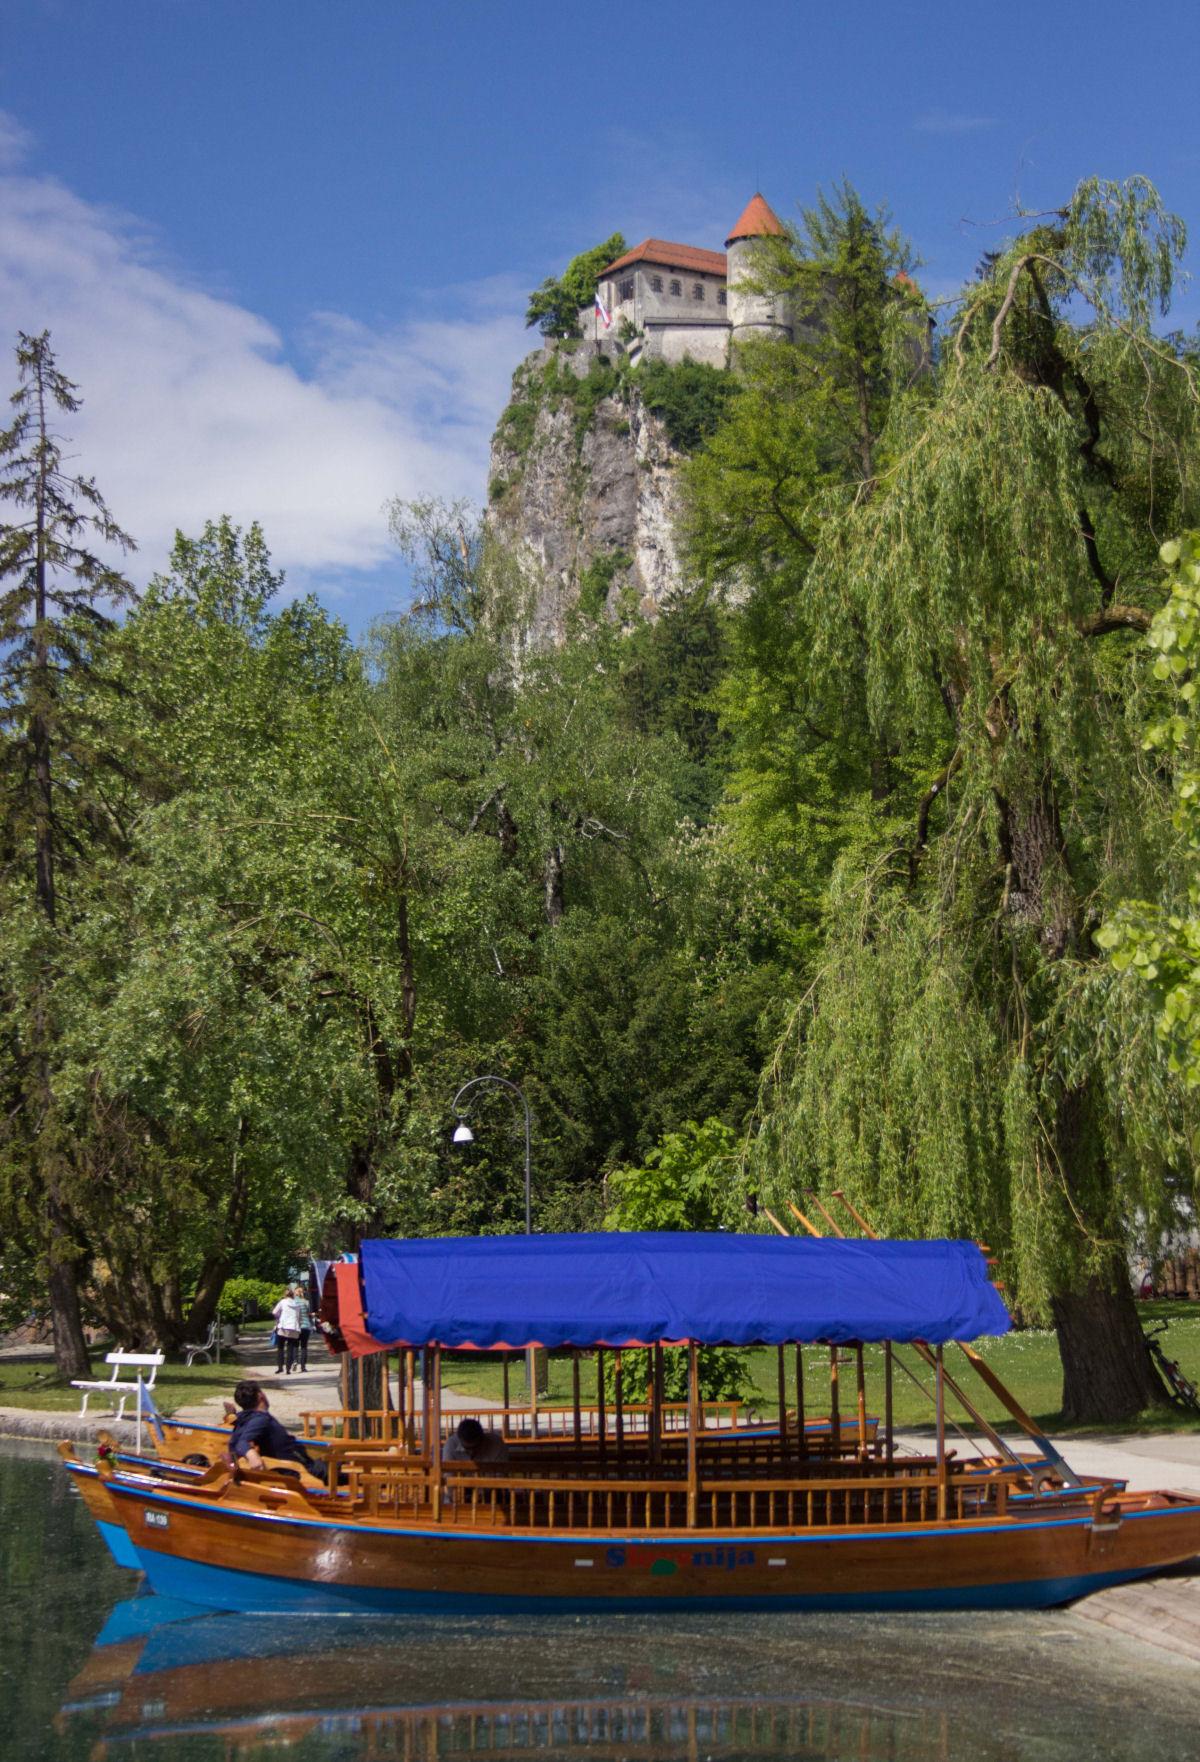 pletna-boat-castle